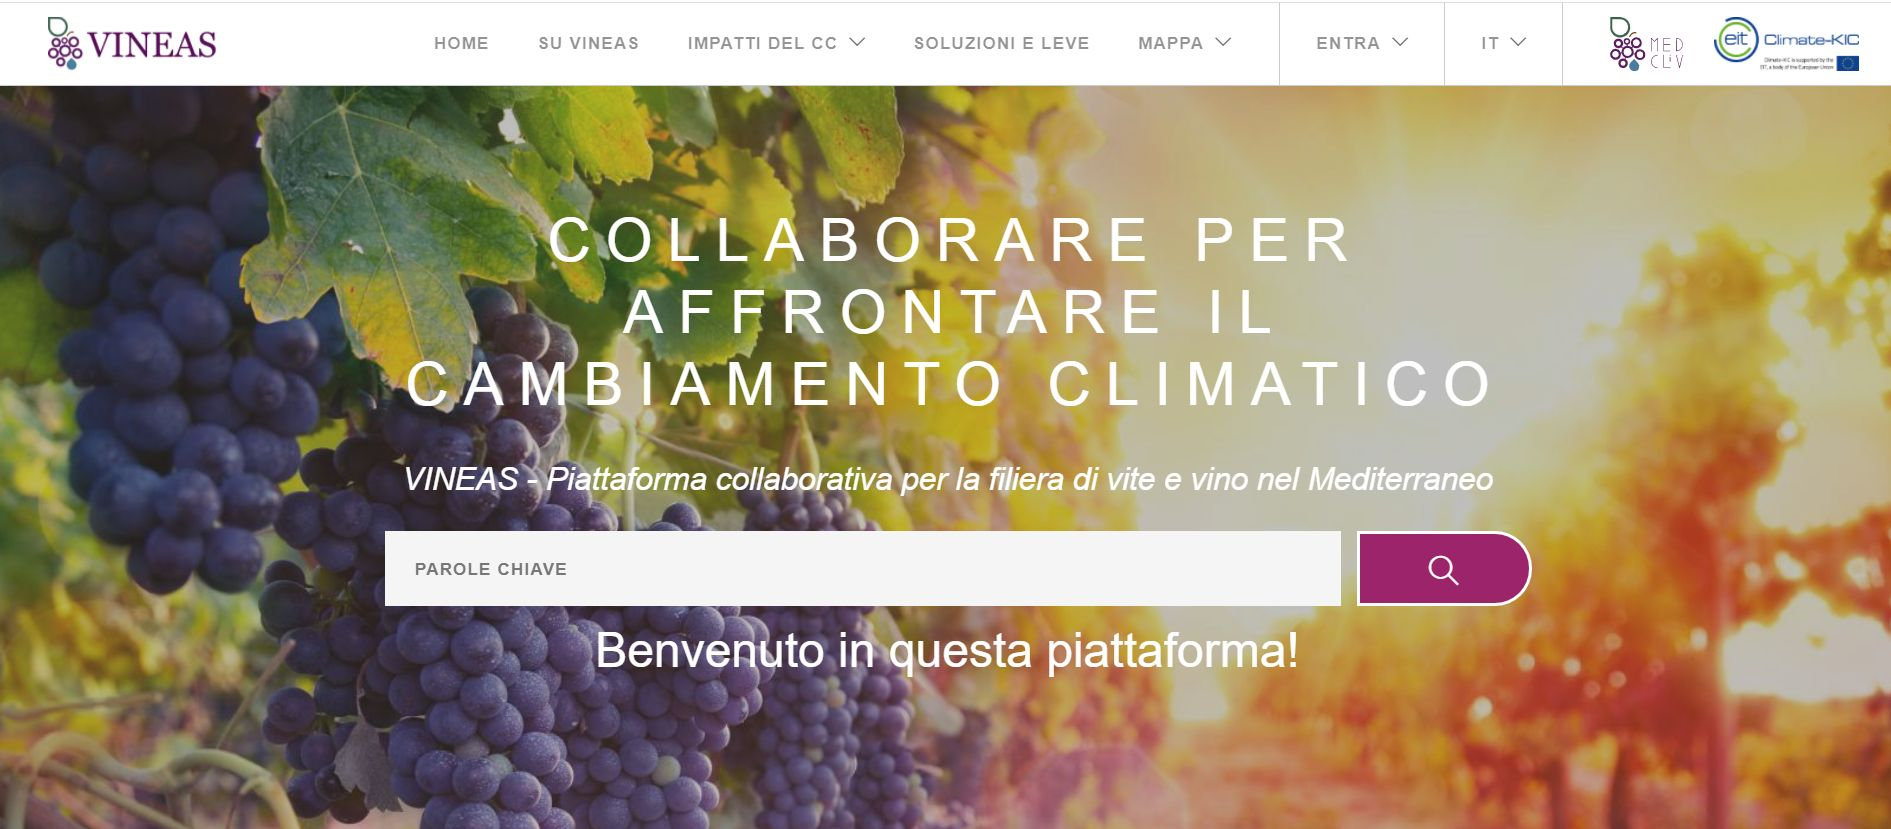 Nasce VINEAS, piattaforma web che unisce attori e progetti dell'Europa mediterranea sulla filiera vite-vino